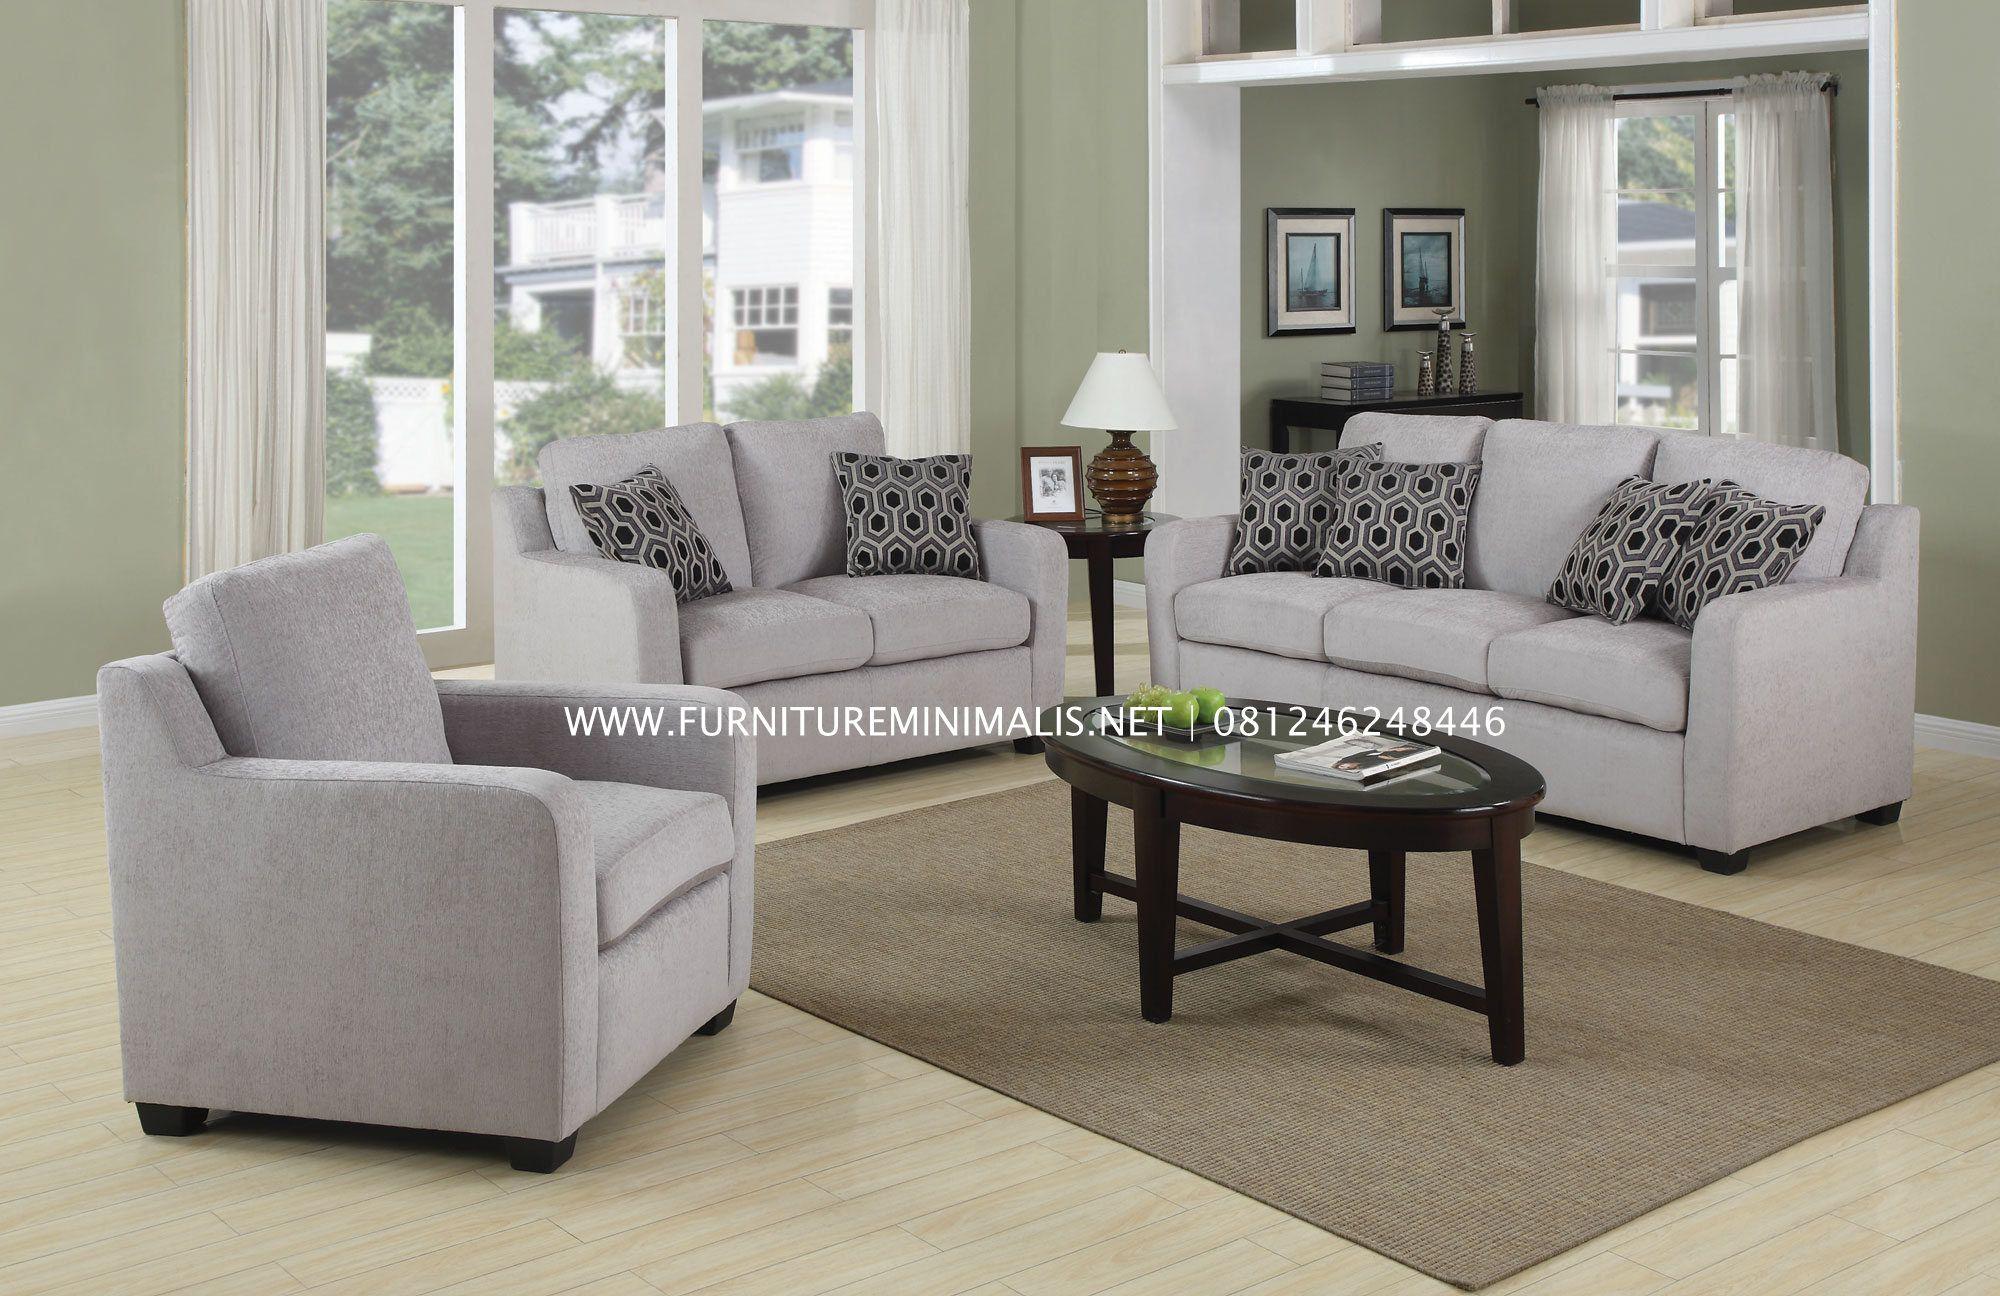 Kursi Tamu Sofa Minimalis Mewah Terbaru Modern Murah - Furniture ...